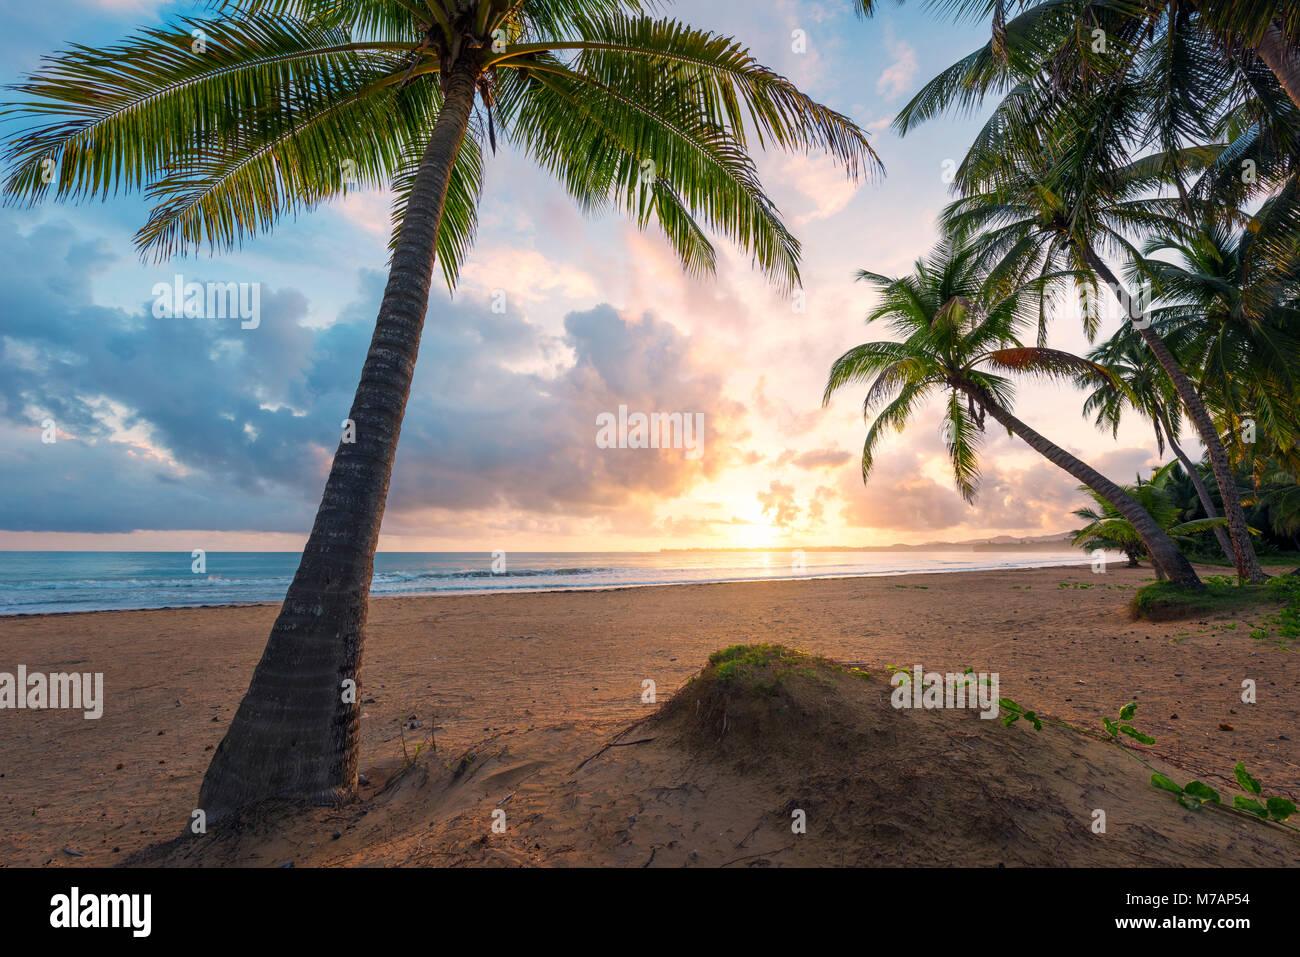 Pintoresco amanecer en una playa caribeña de la isla de Puerto Rico. Imagen De Stock